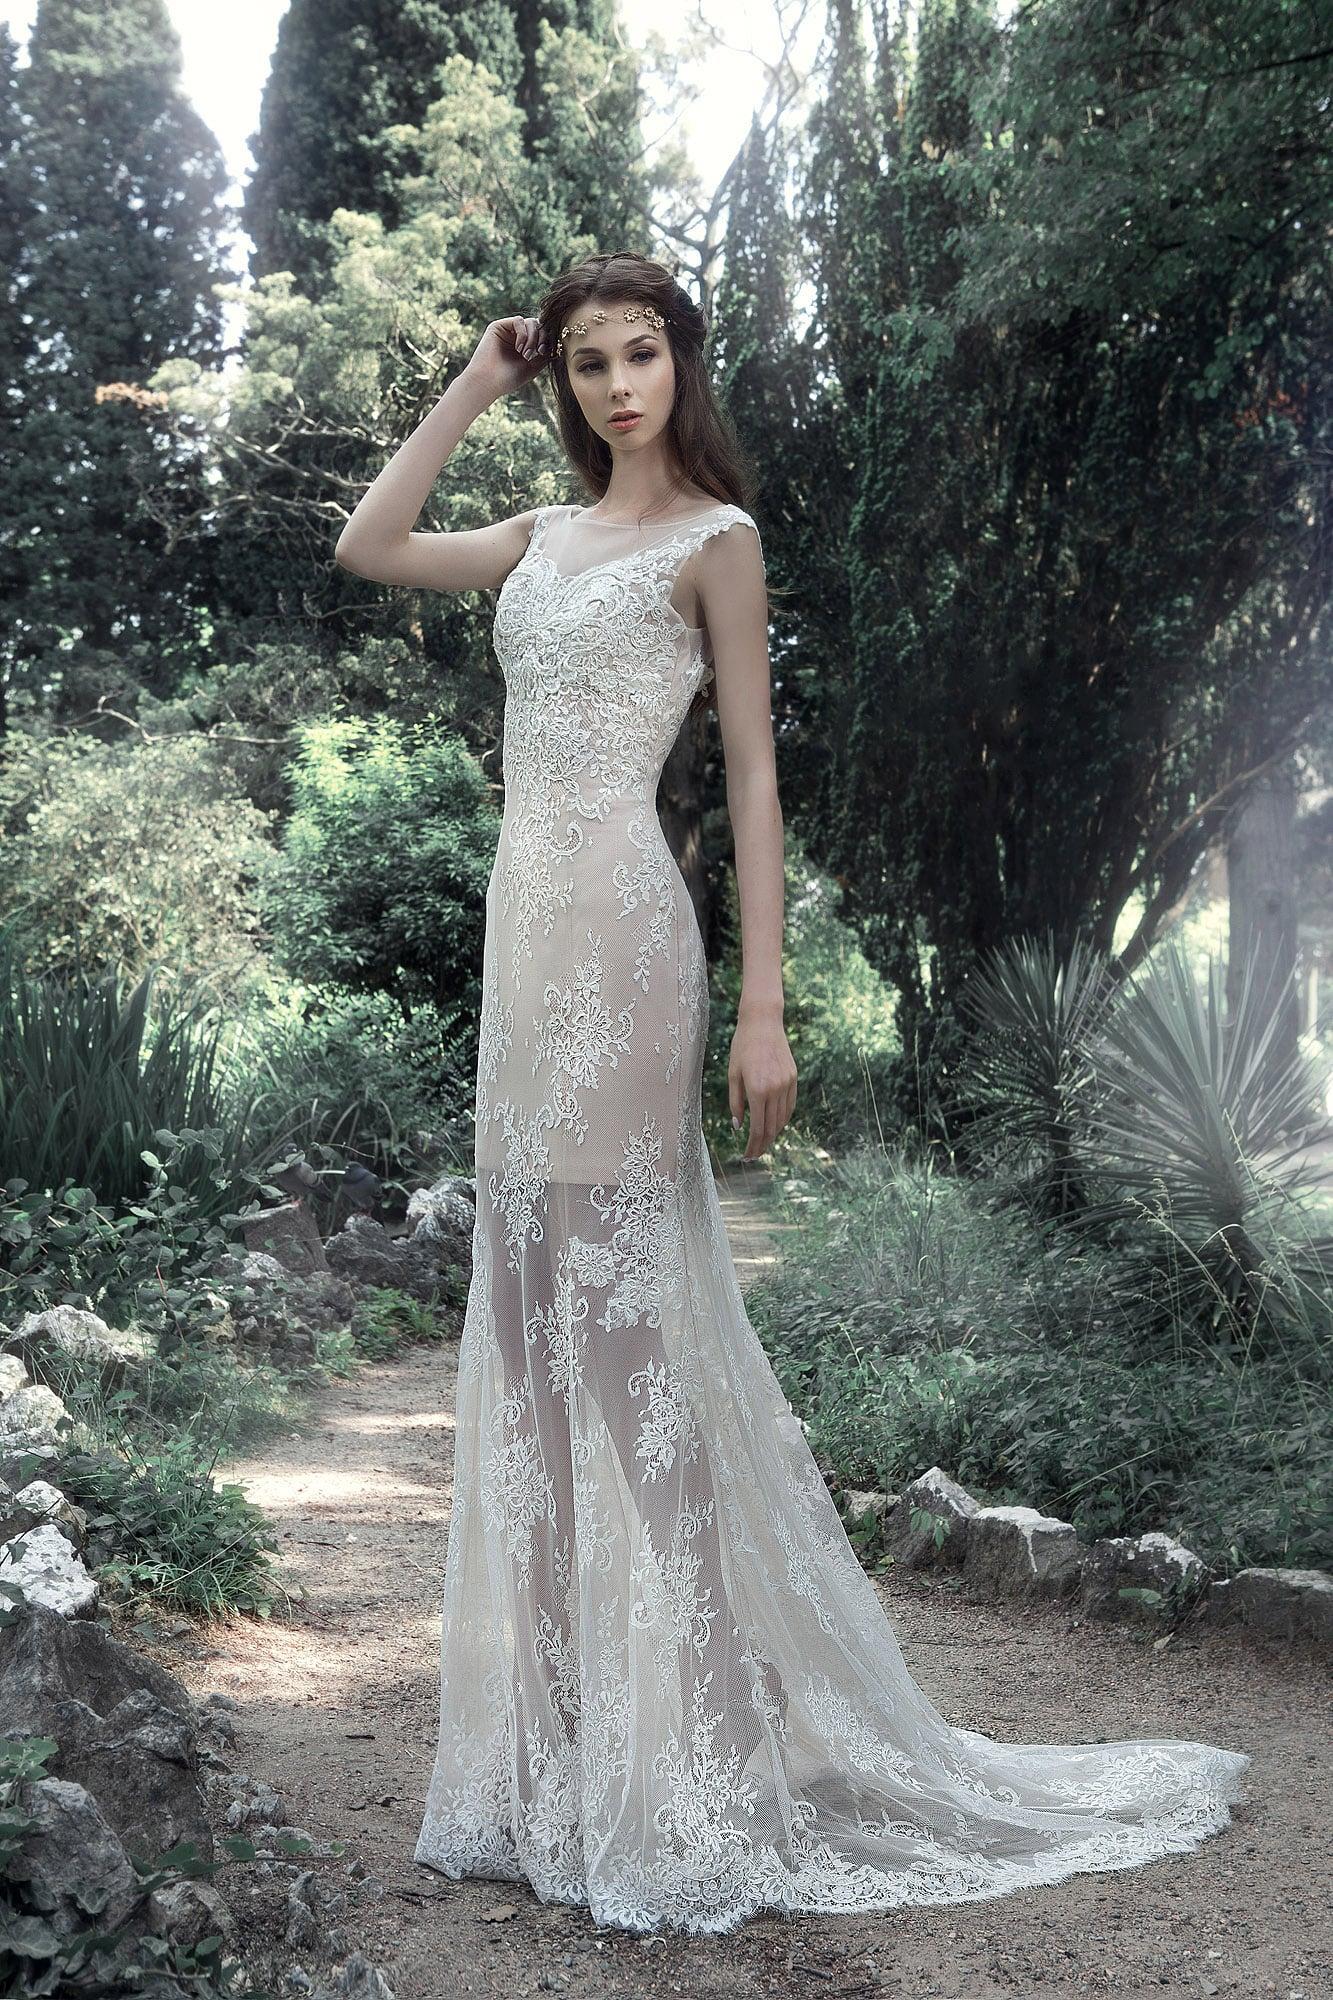 Прямое свадебное платье с короткой нижней юбкой и длинной прозрачной верхней.